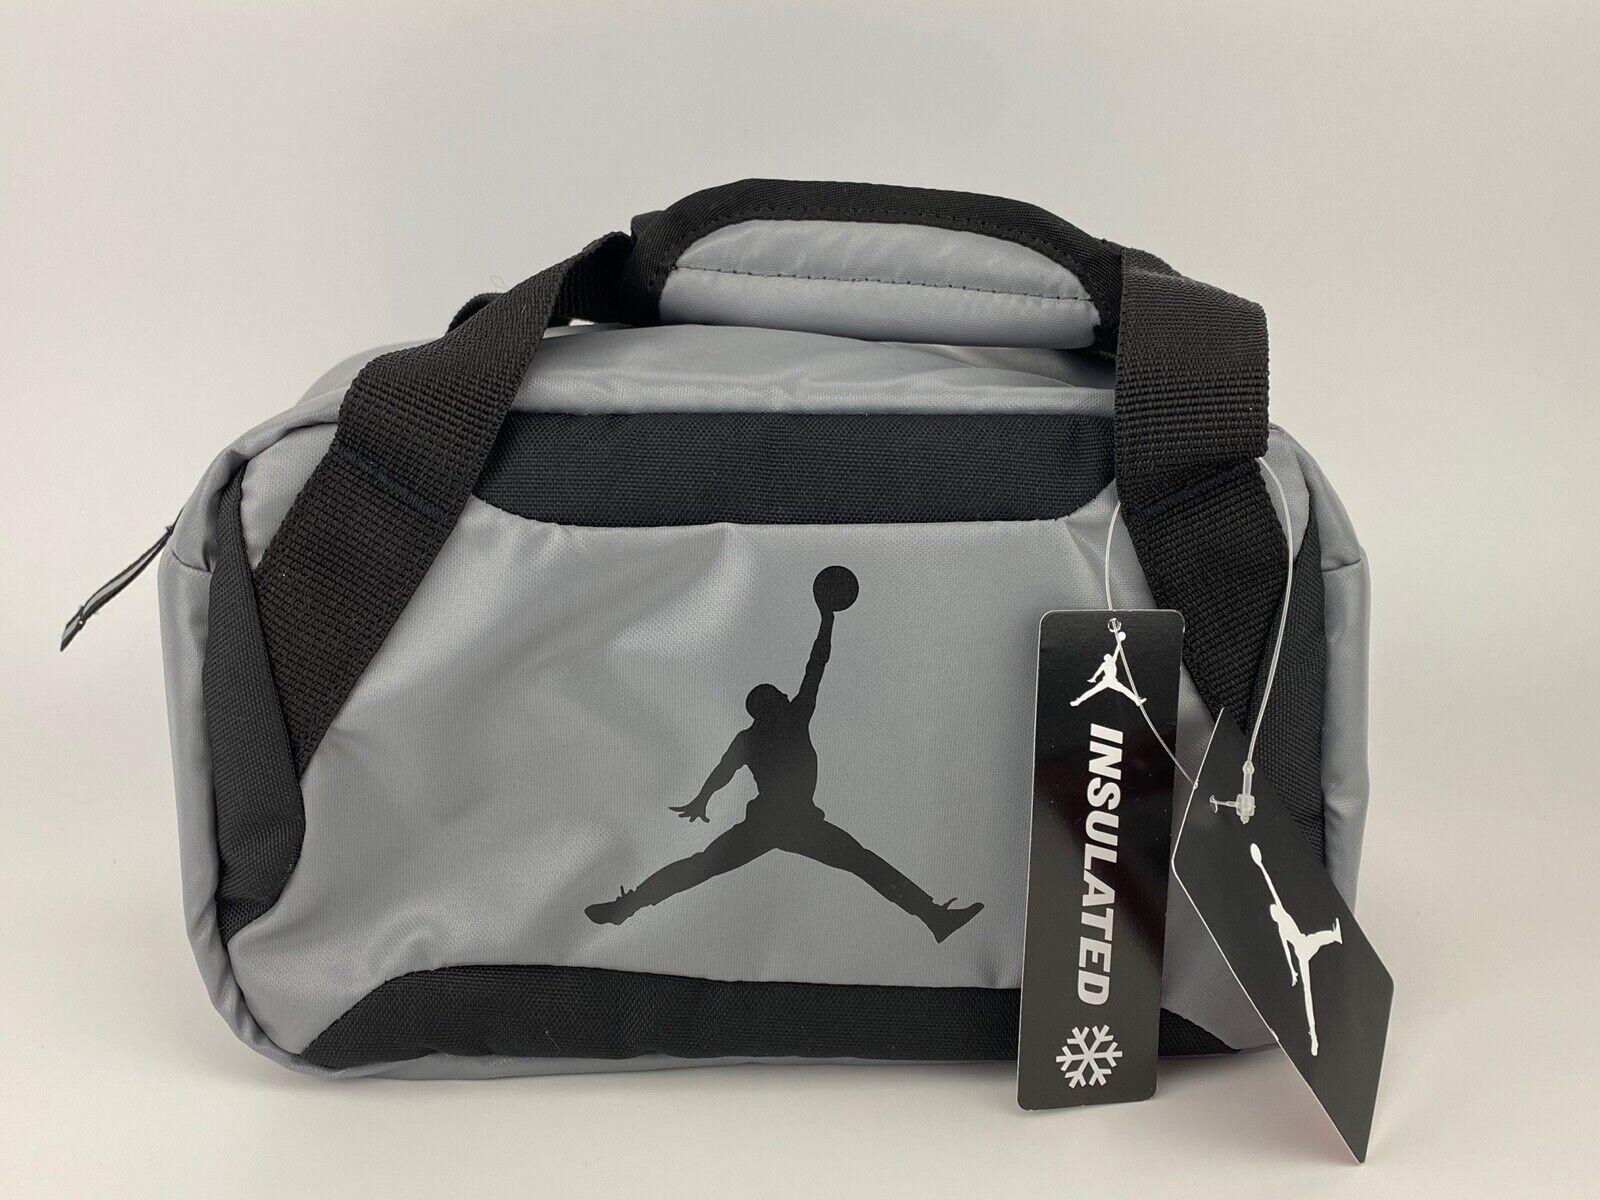 Jordan Kids Premium Lunch Tote Bag